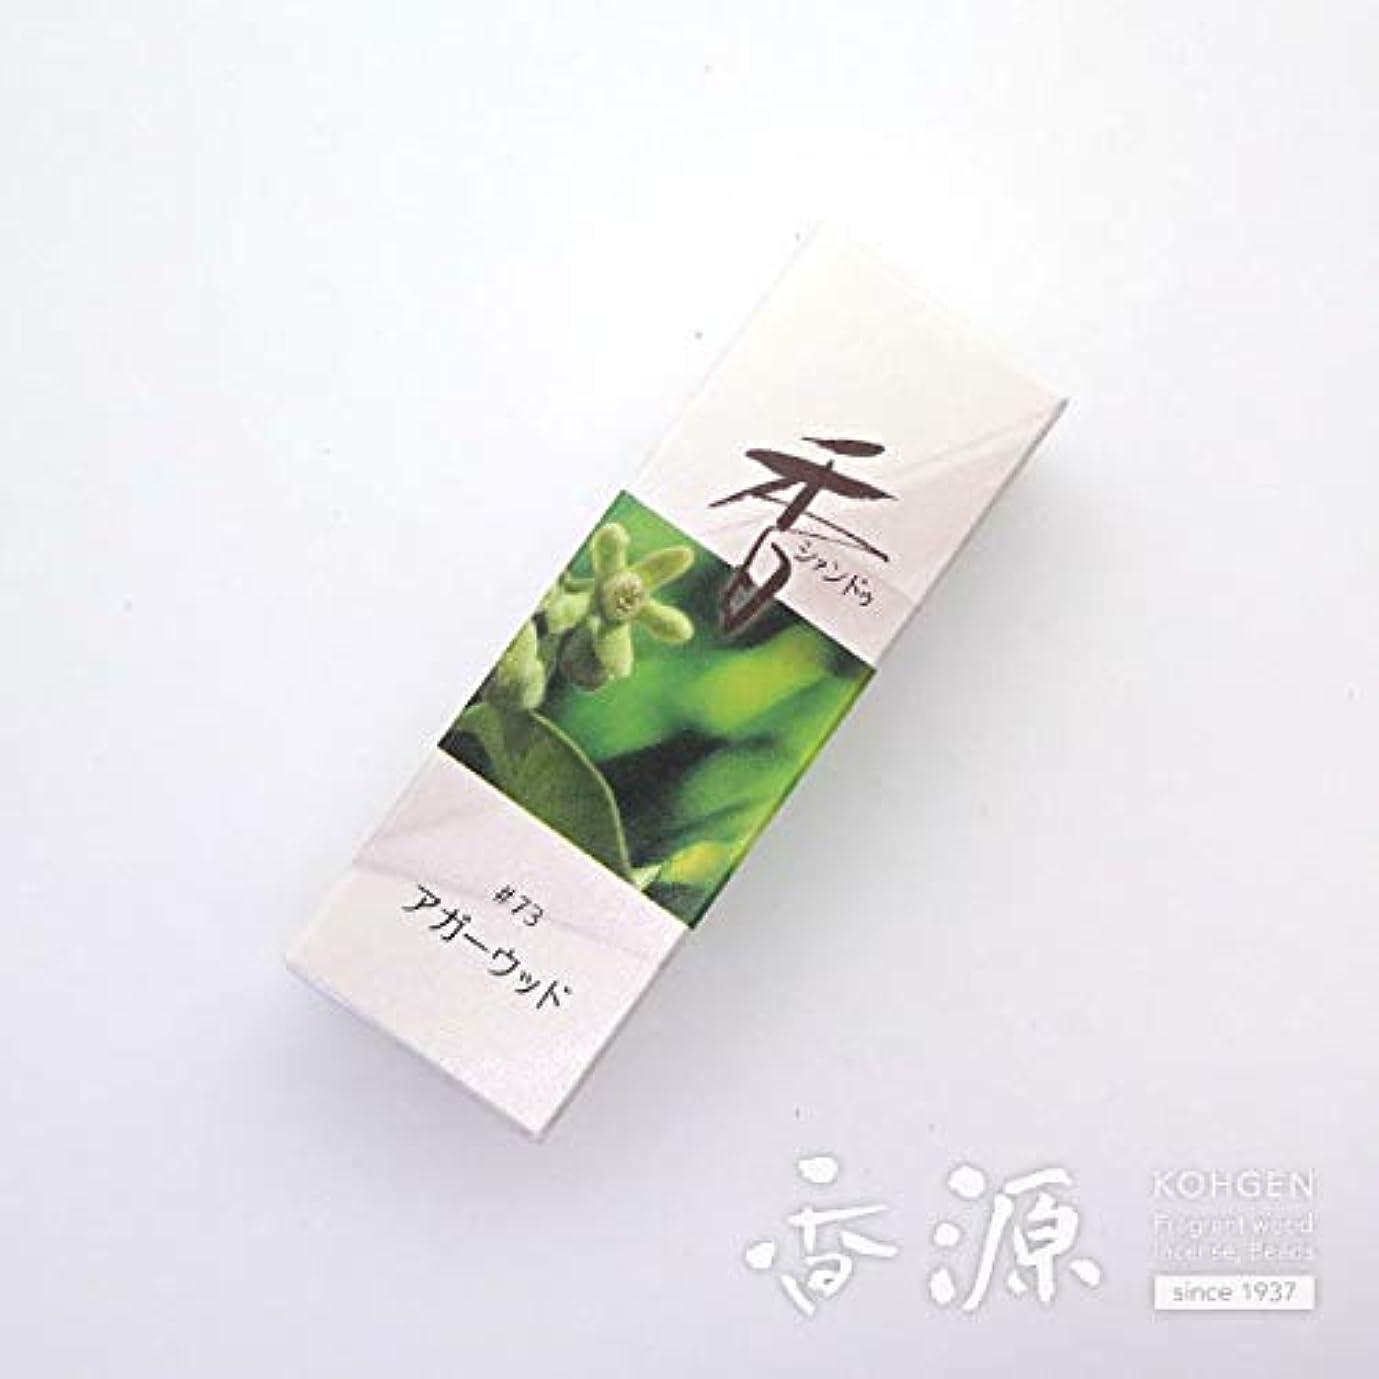 並外れたエンジニアリング組み込む松栄堂のお香 Xiang Do(シャンドゥ) アガーウッド ST20本入 簡易香立付 #214273